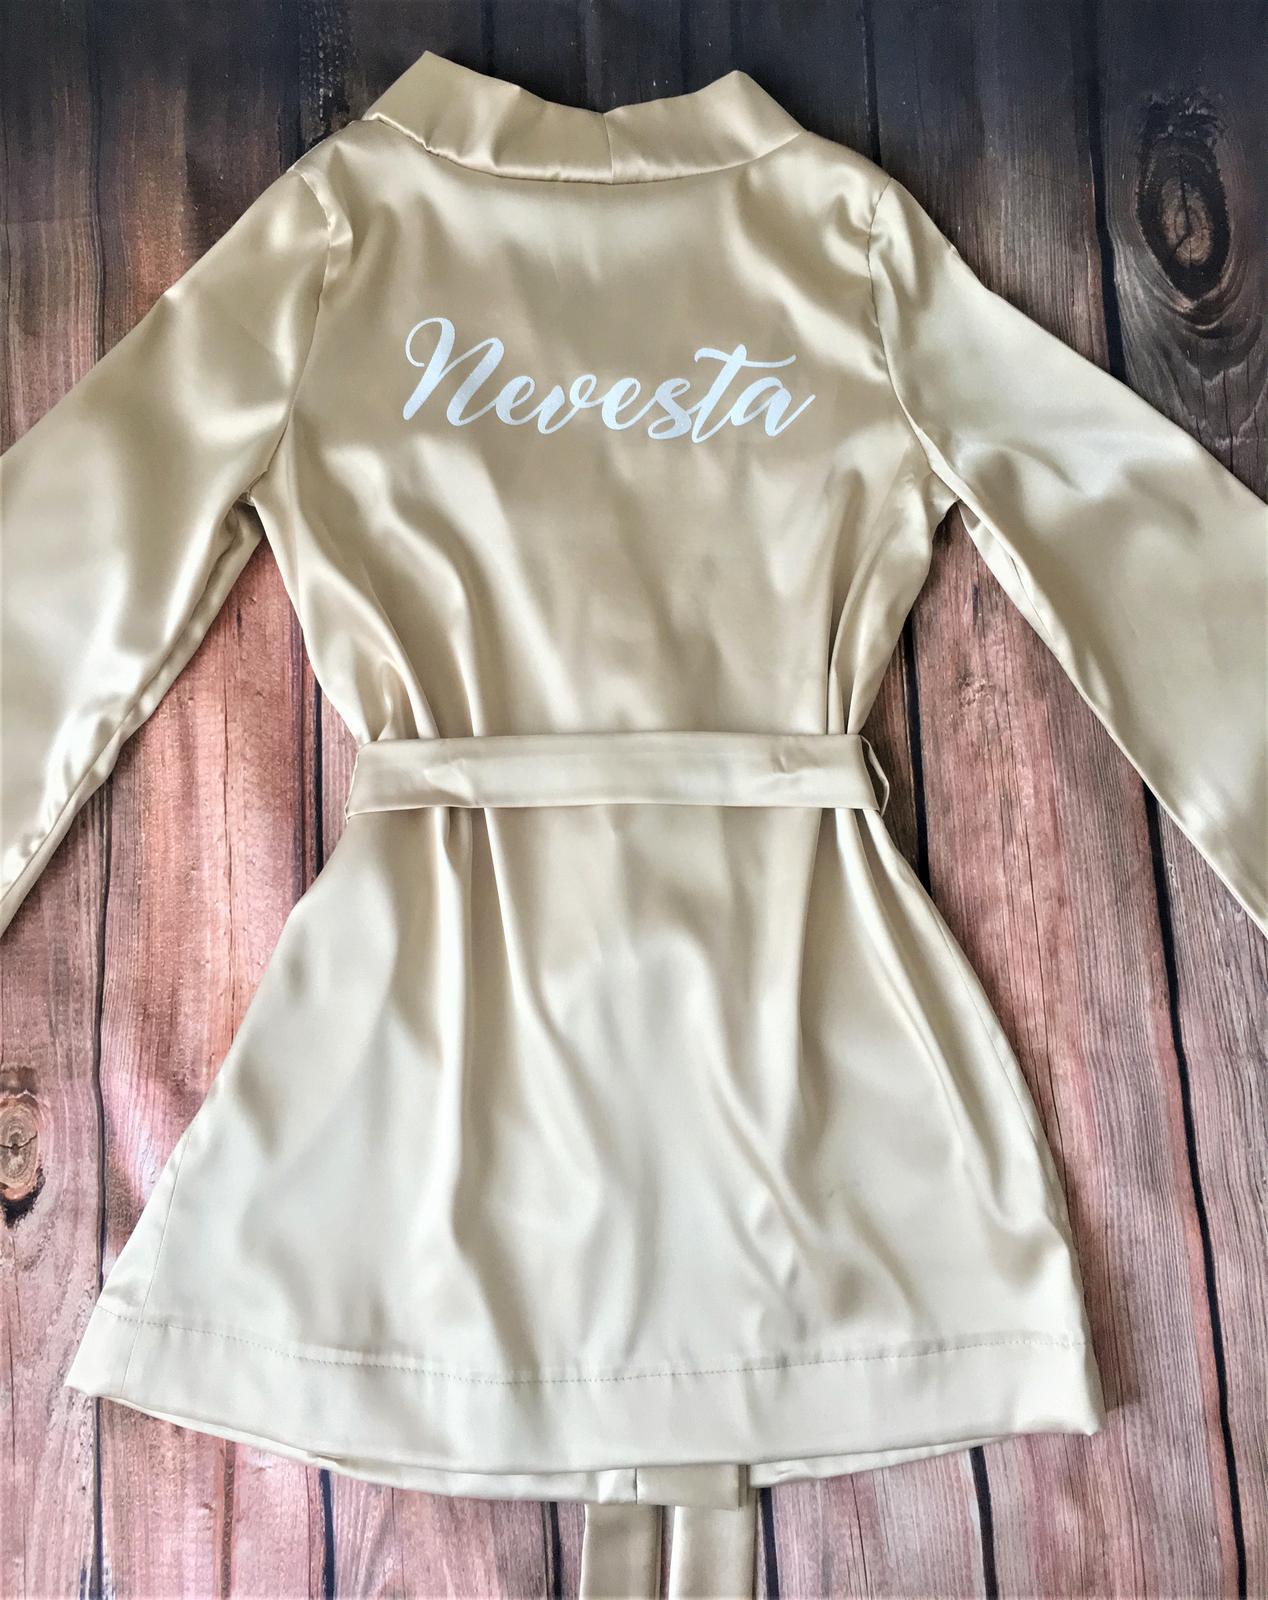 Svadobné župany + papučky+ spodná bielizeň - farba č 19-šampáň,strih vhodný pre XS-S, pre čísla M-XXL je v ponuke kimonový strih